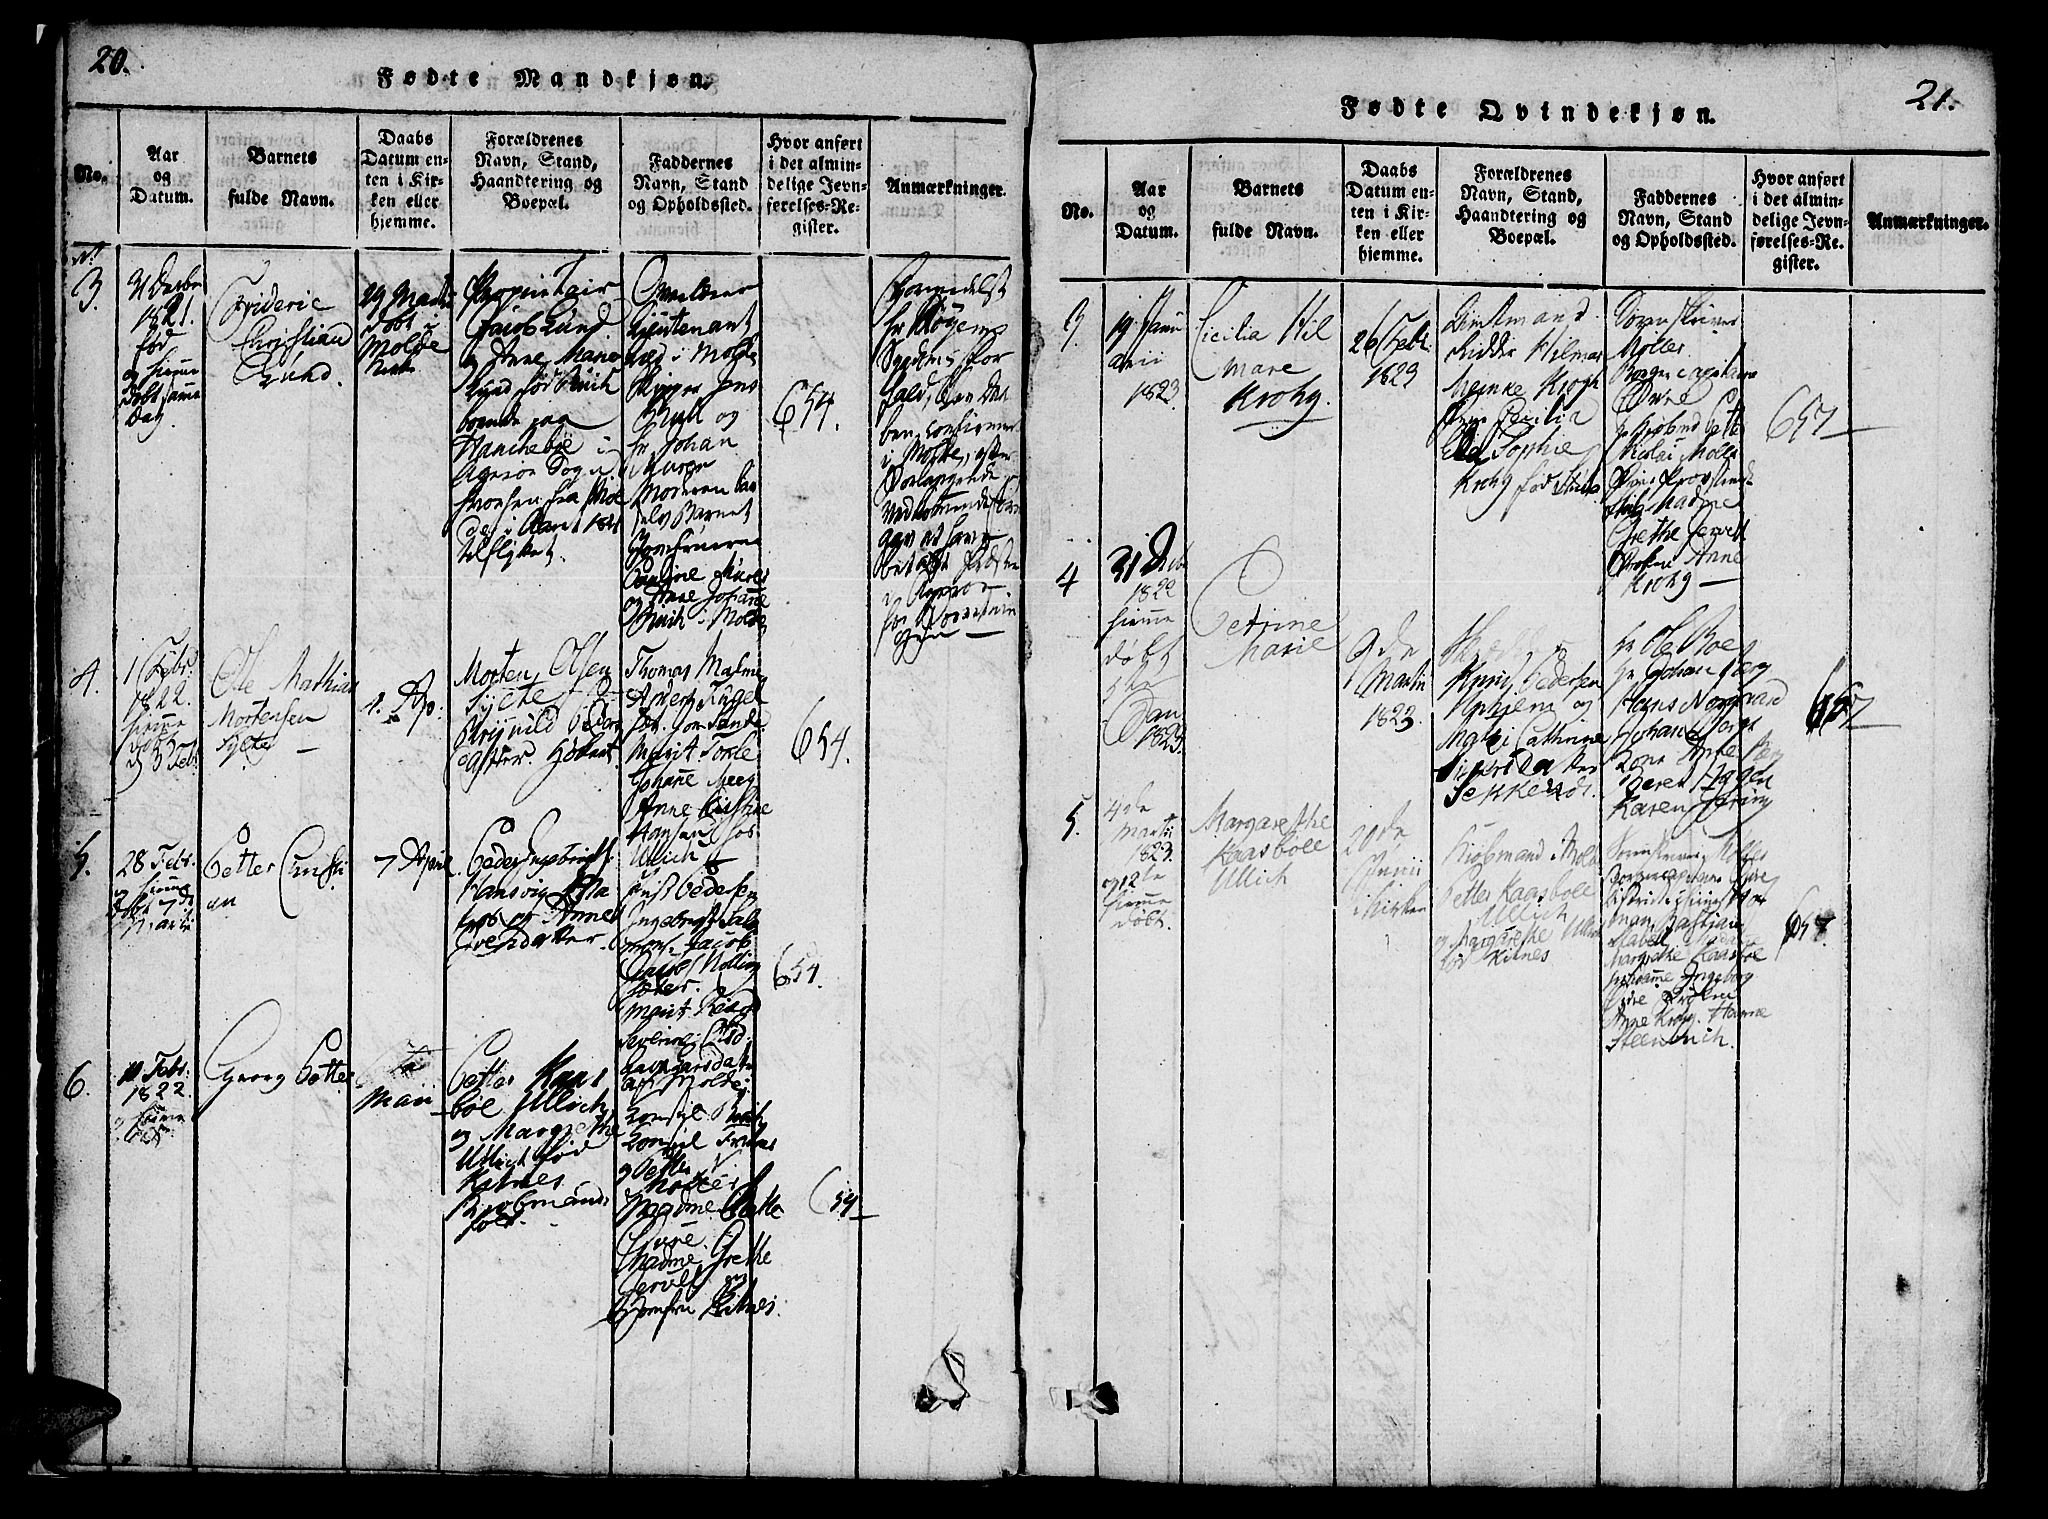 SAT, Ministerialprotokoller, klokkerbøker og fødselsregistre - Møre og Romsdal, 558/L0688: Ministerialbok nr. 558A02, 1818-1843, s. 20-21